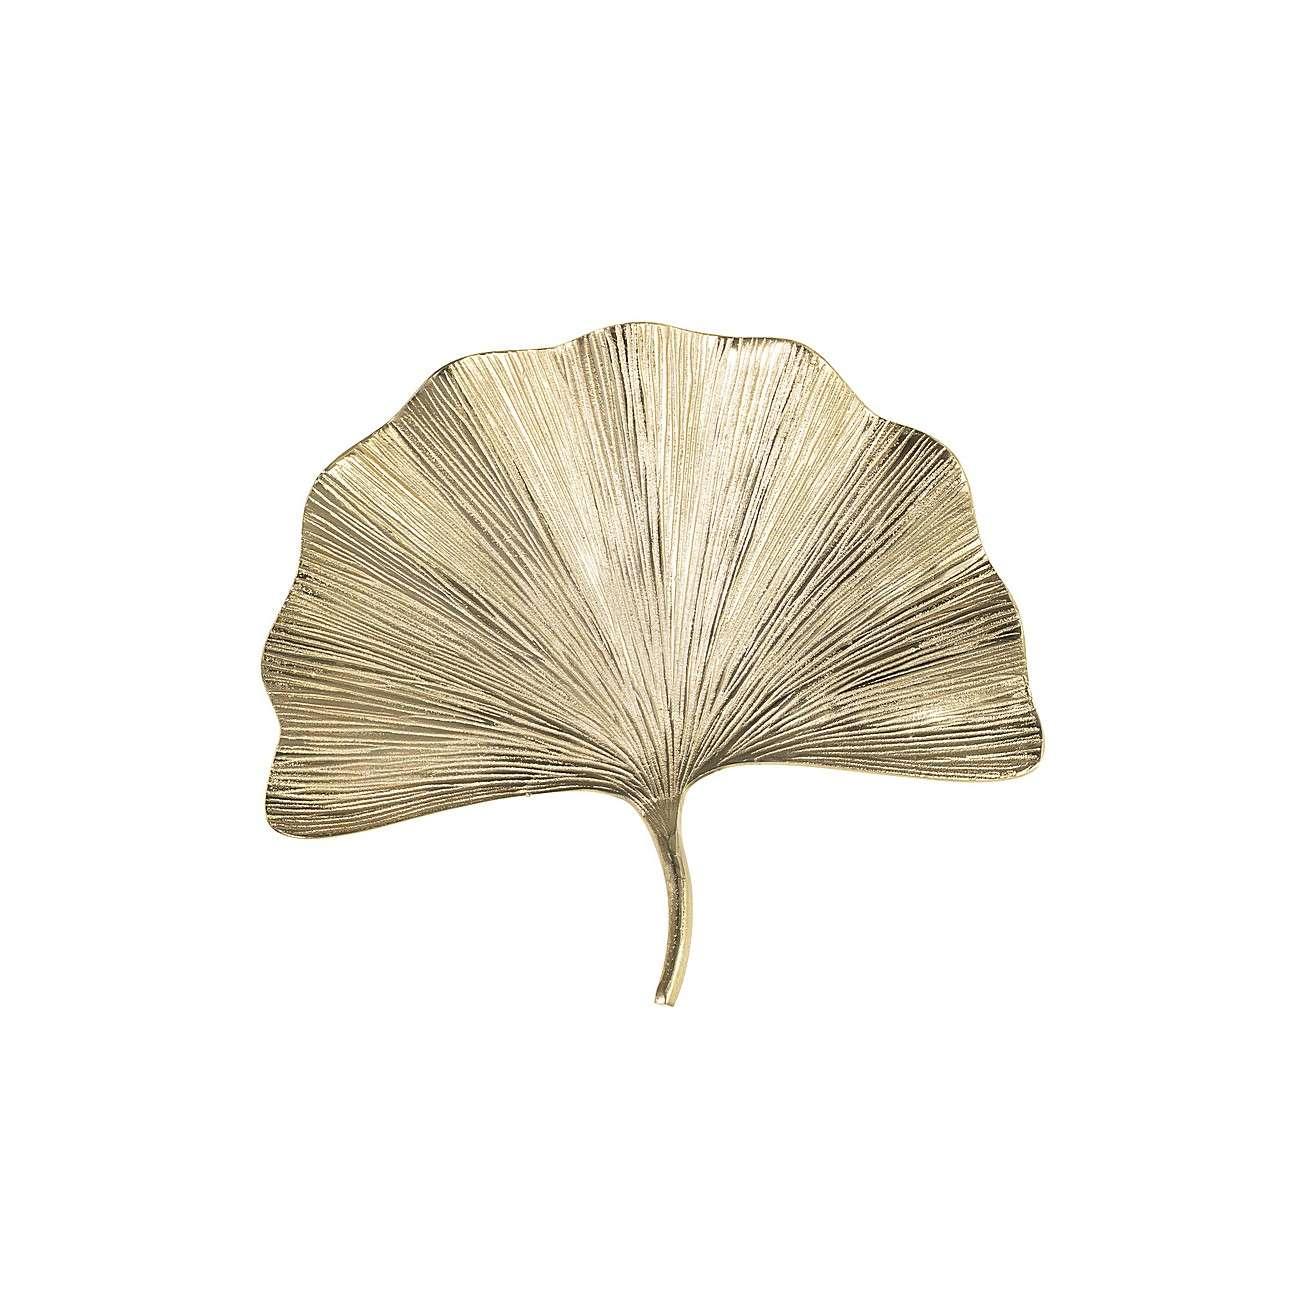 Nástěnná dekorace Ginkgo Gold I výška 44,5cm